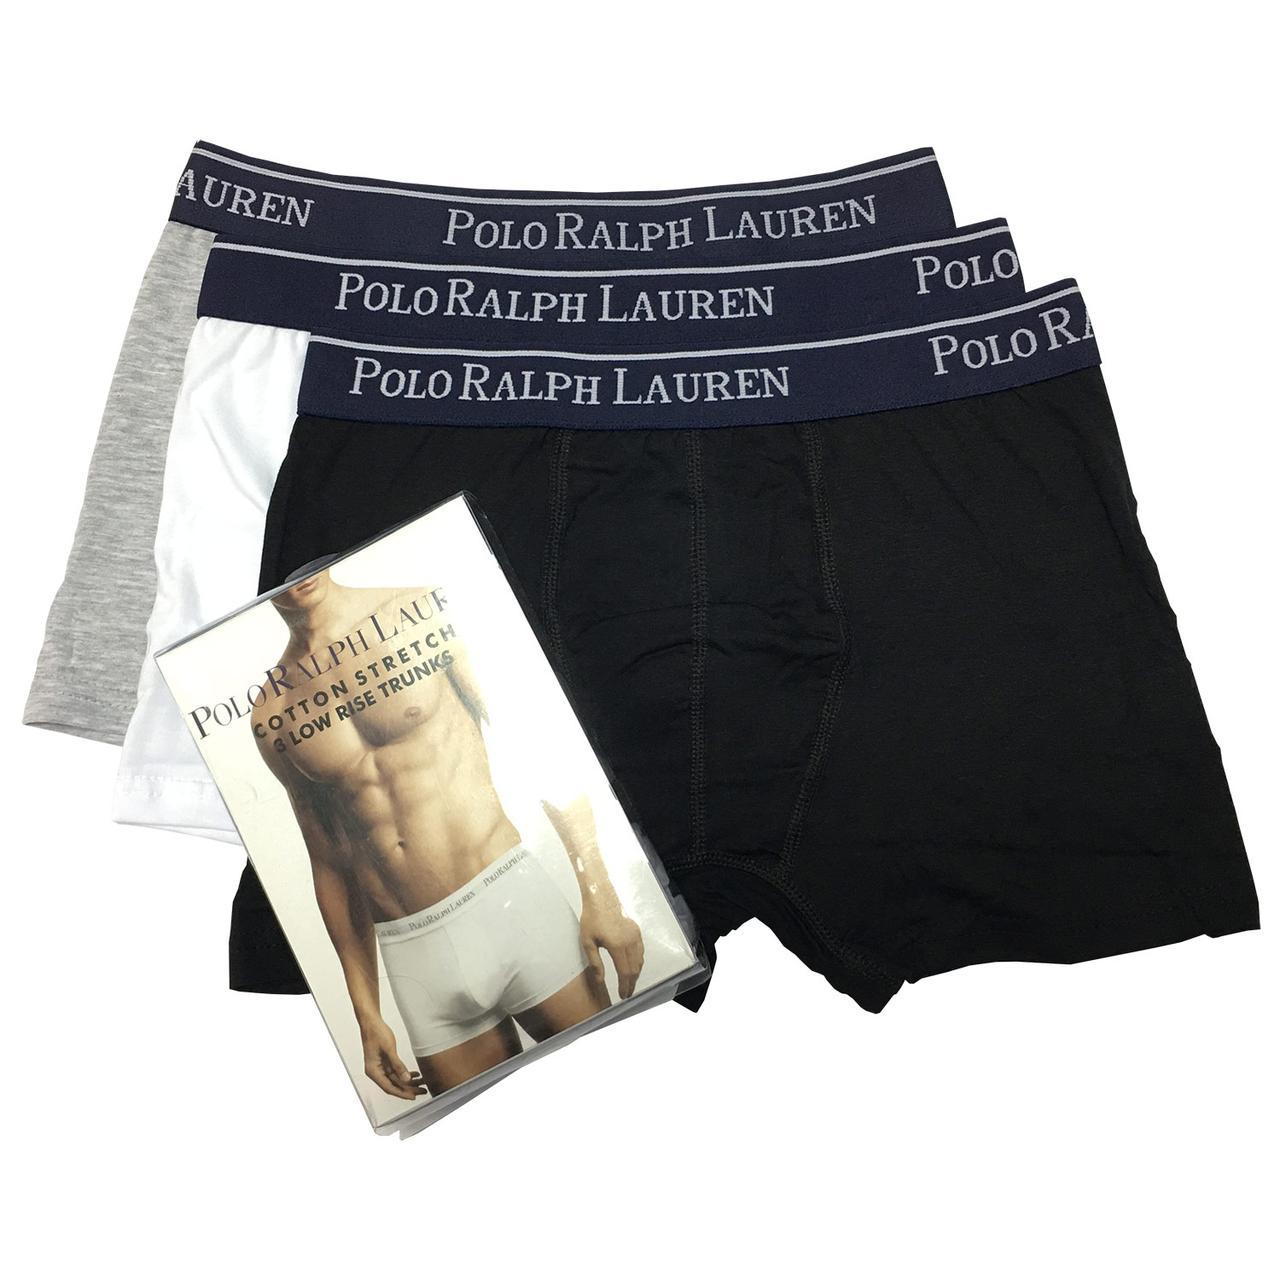 4dc49c5a9b125 Мужские трусы POLO Ralph Lauren реплика , цена 100 грн., купить в ...